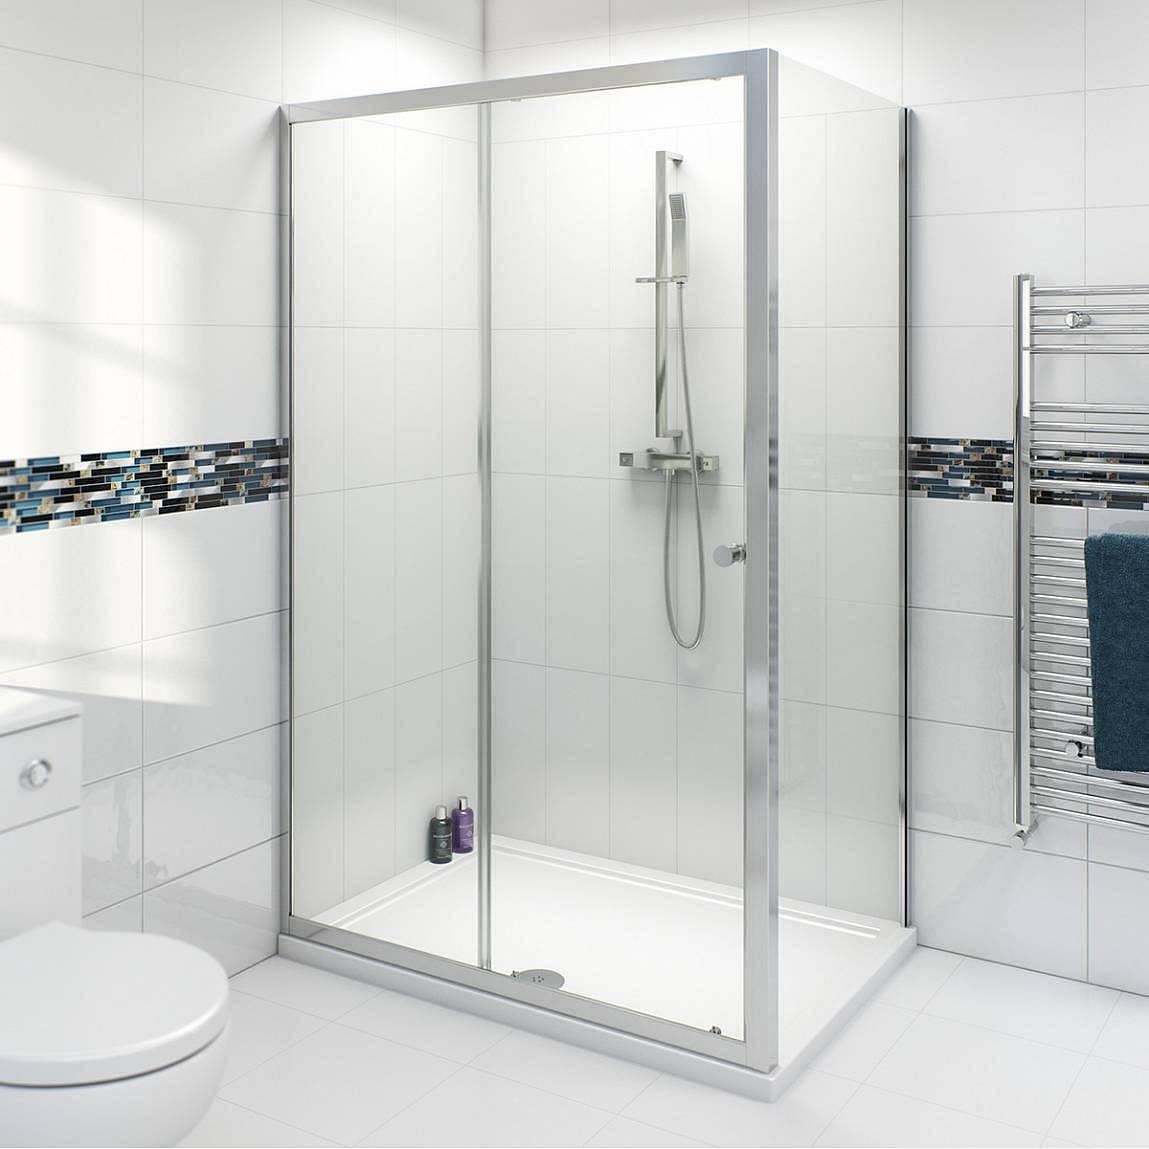 Image of V4 Sliding Shower Enclosure 1200 x 760